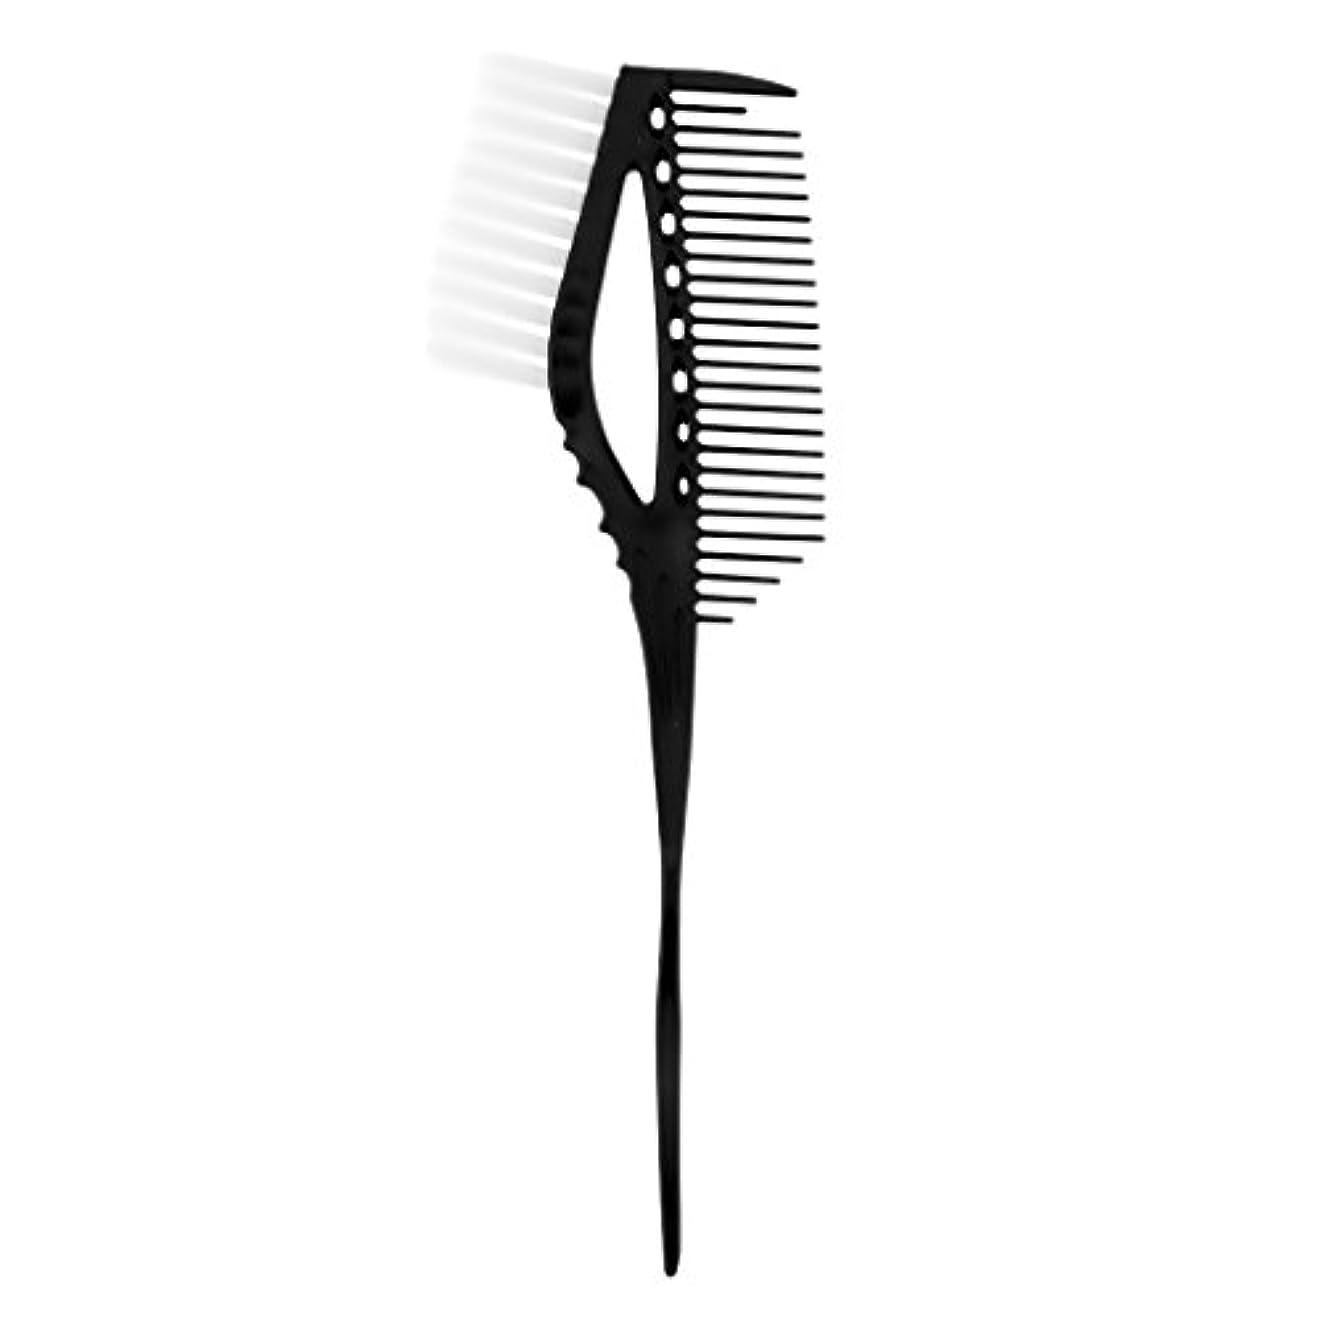 器具削除する誇張ハイライト櫛 ヘアコーム ヘアブラシ ヘアカラー 色合い 染めブラシ ミキシングブラシ 3色選べる - ブラック